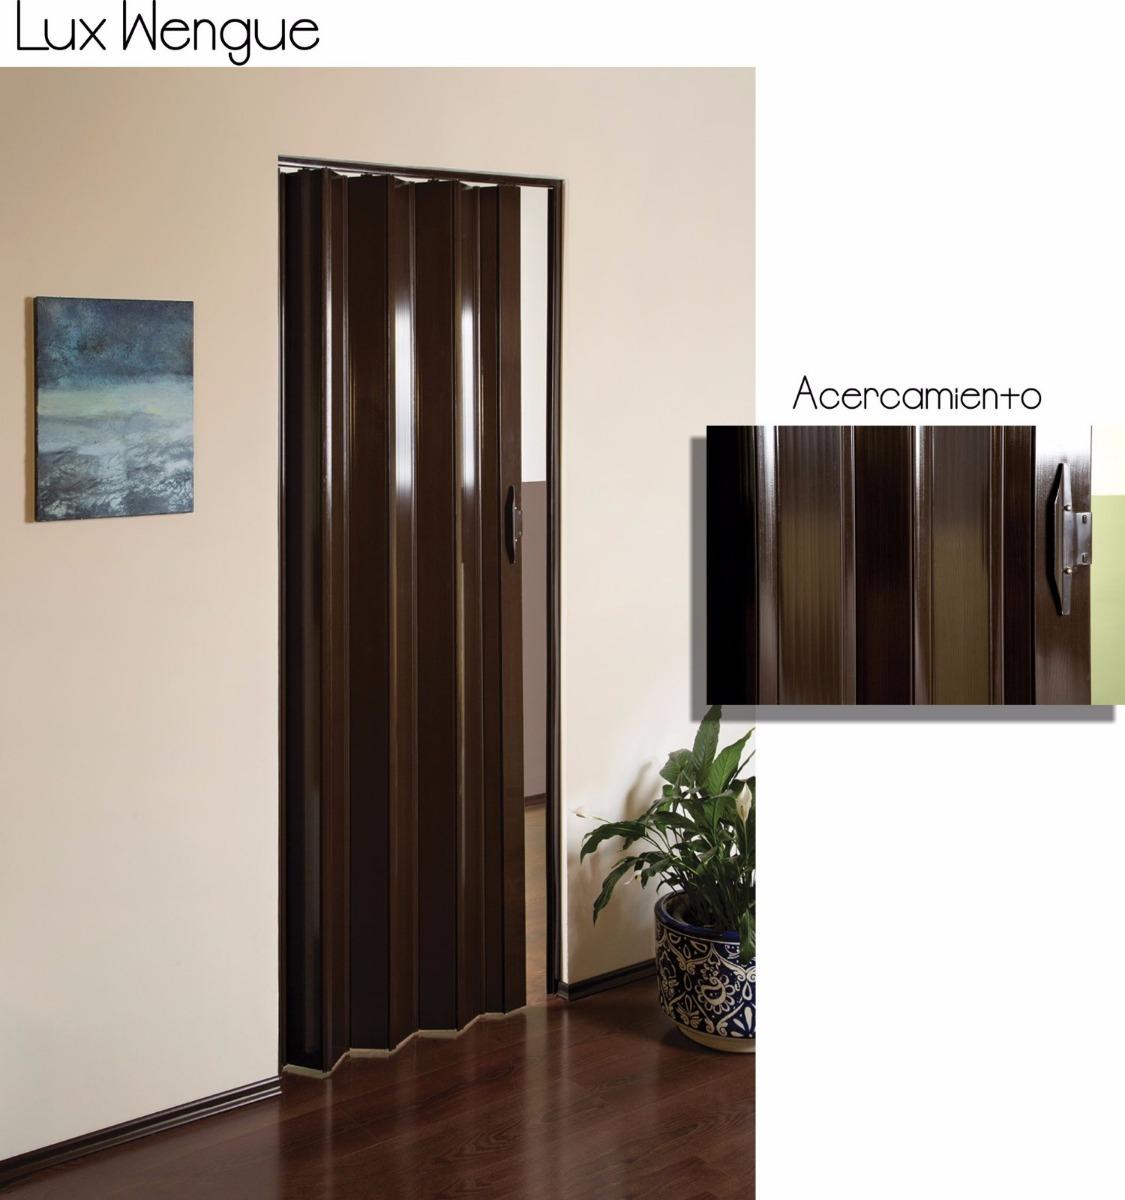 Puertas plegadizas de pvc imitacion madera 2 en for Puertas imitacion madera exterior